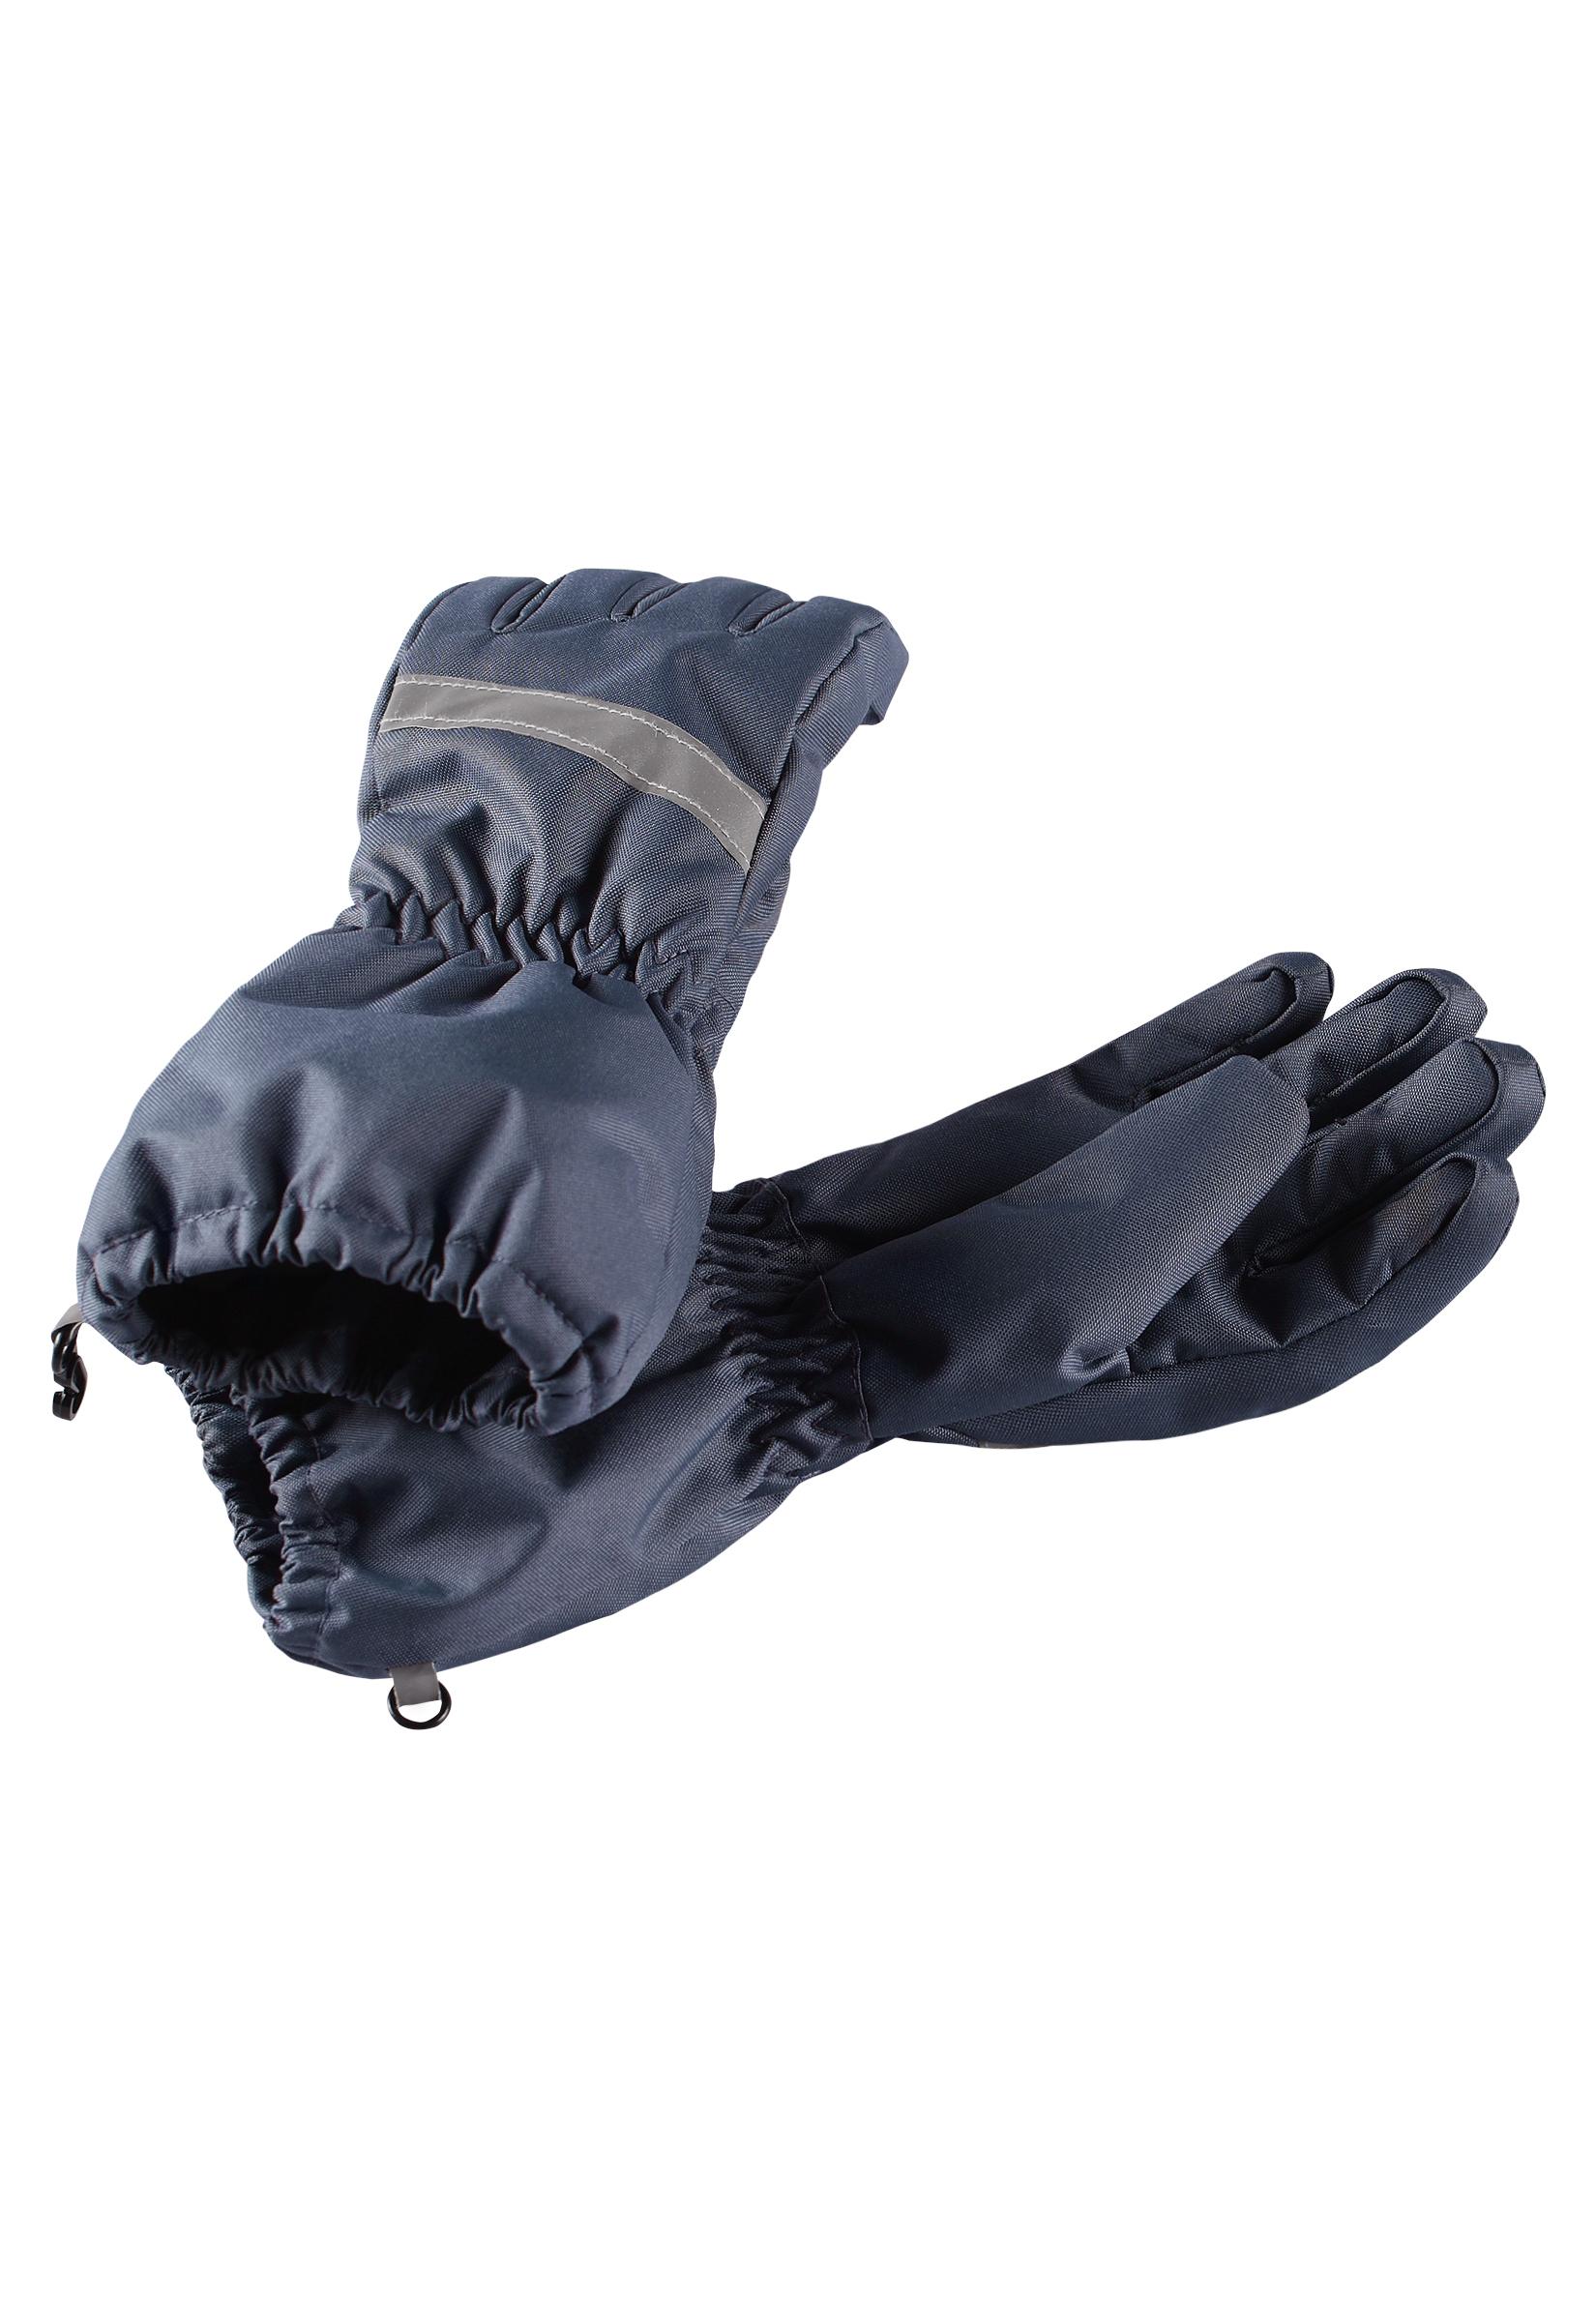 Купить со скидкой Варежки и перчатки Lassie 727718-9260-03040506